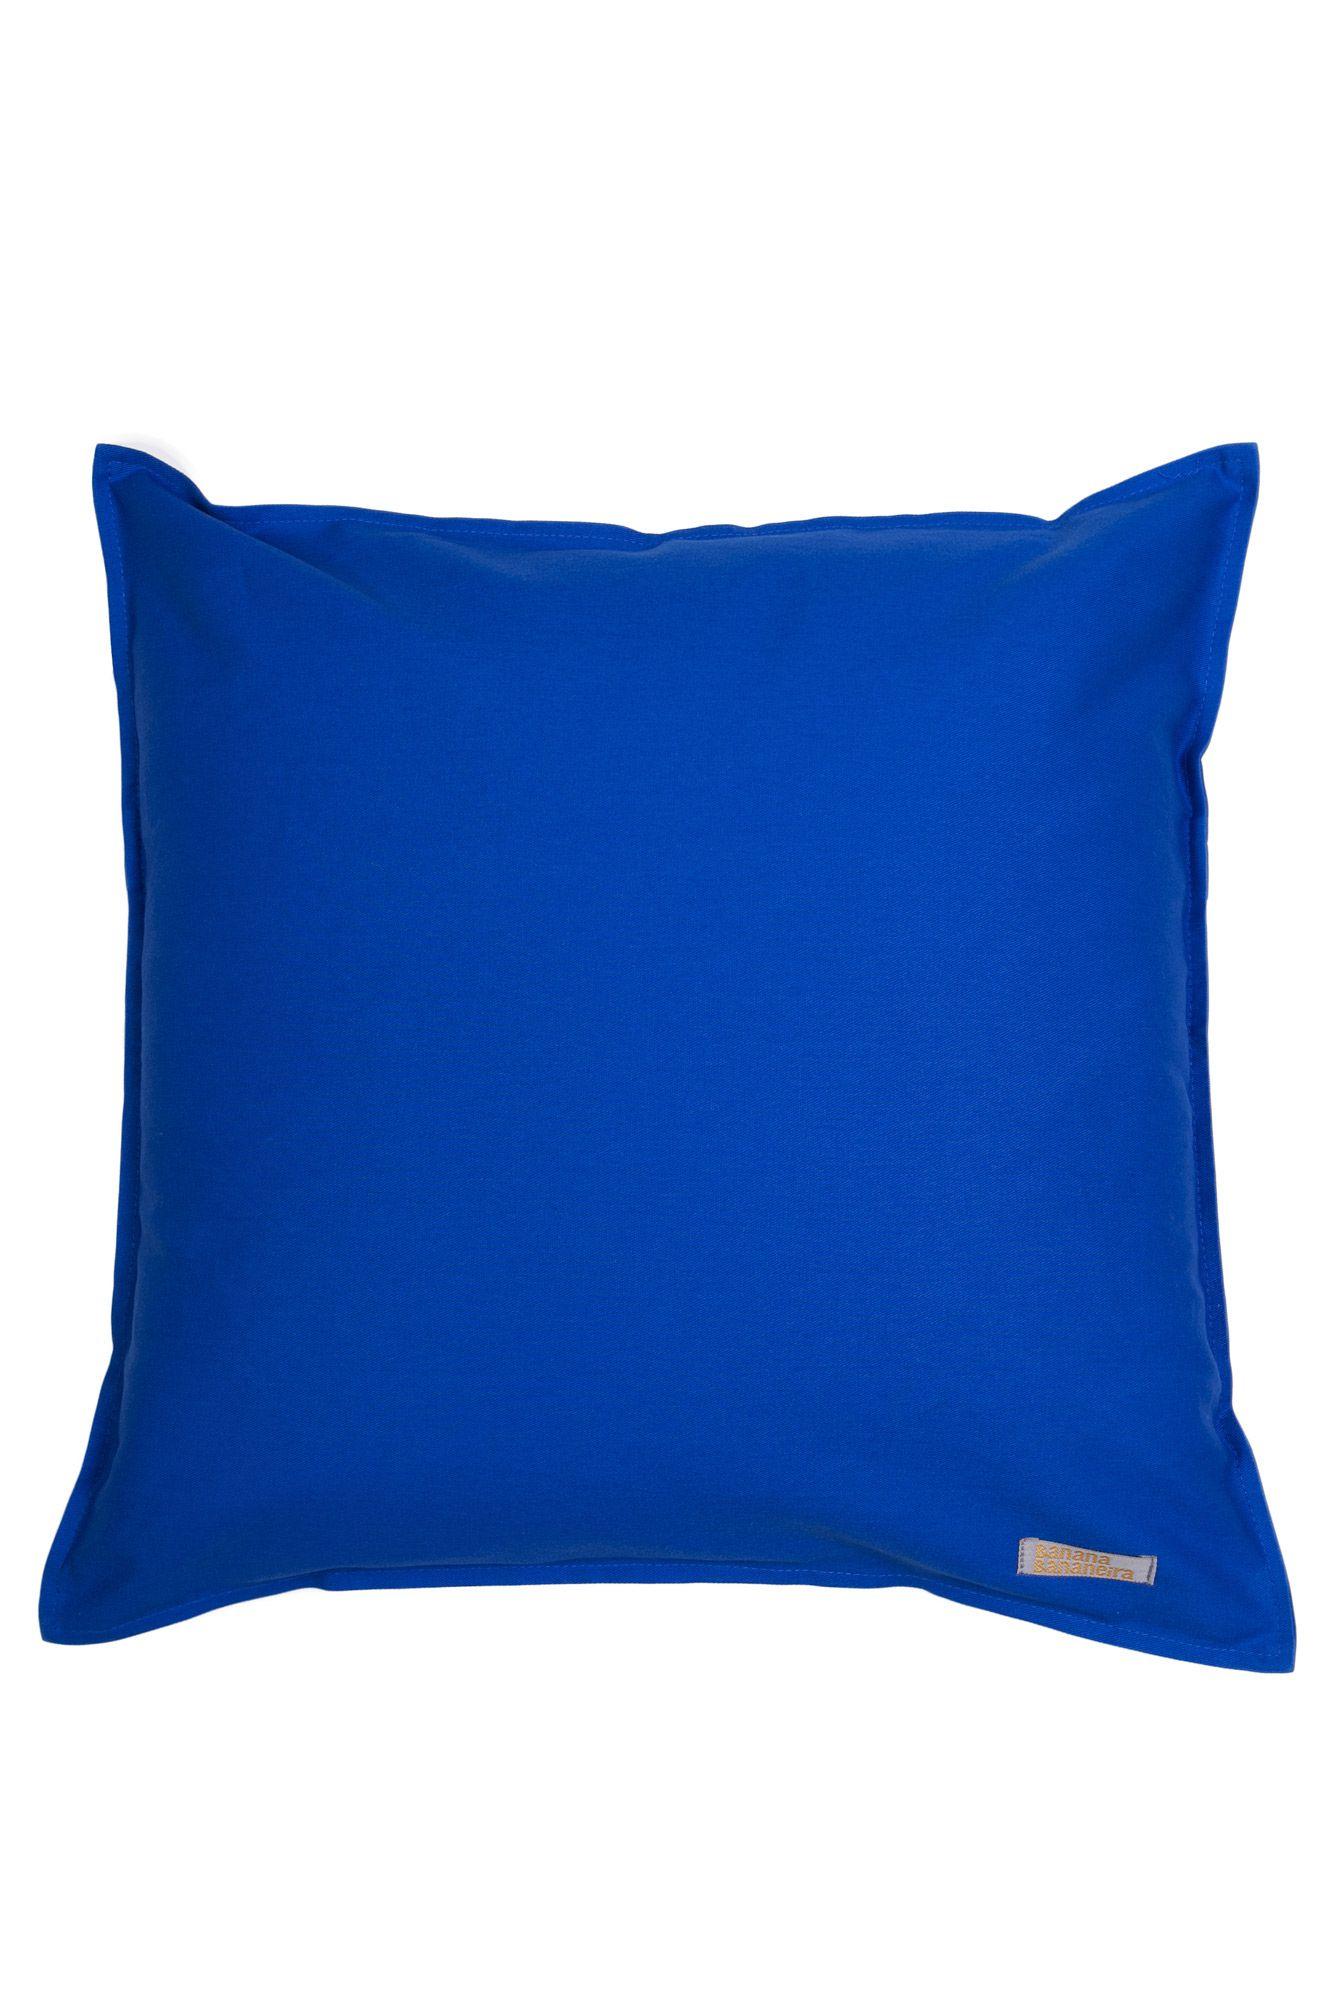 Capa de almofada em pesponto 45 cm x 45 cm azul royal